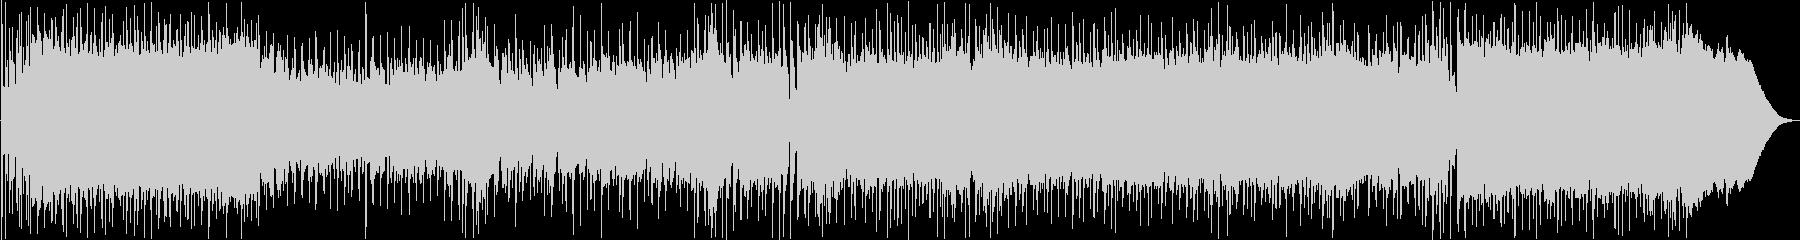 疾走感あるキャッチ―なロックギターBGMの未再生の波形